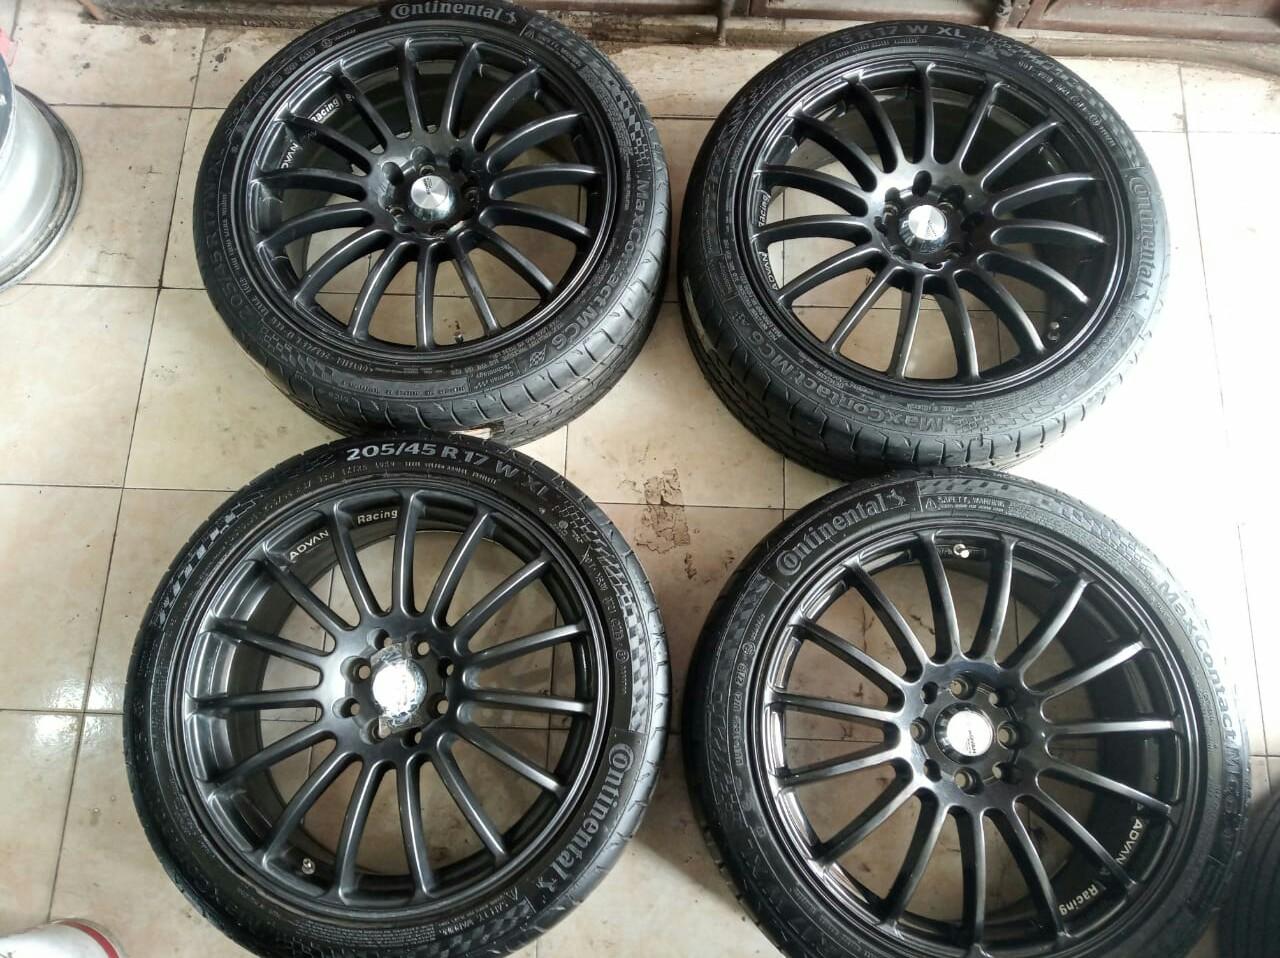 Jual Veleg Racing mobil + Ban 205 45 17 pcd 8X100/114,3 Grey